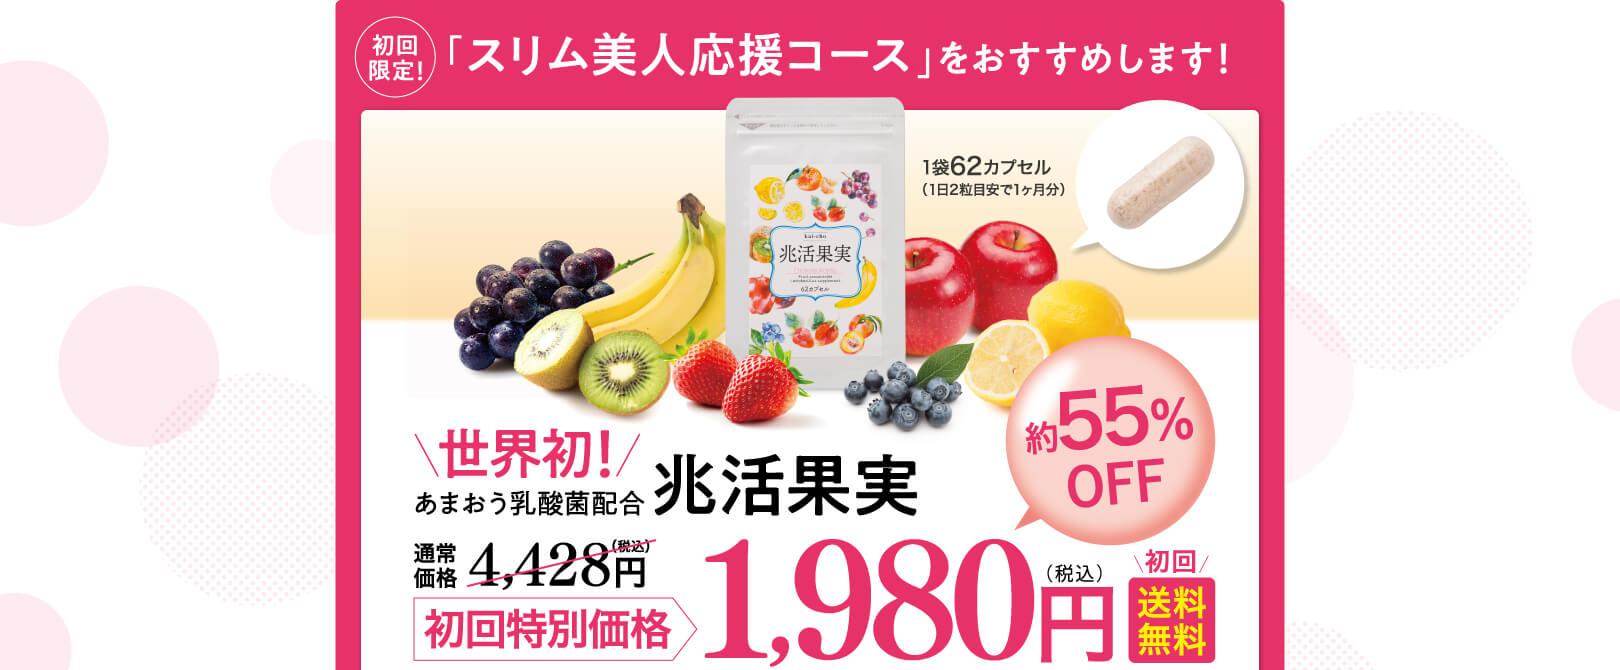 兆活果実 初回特別価格 1,980円(税込)初回送料無料